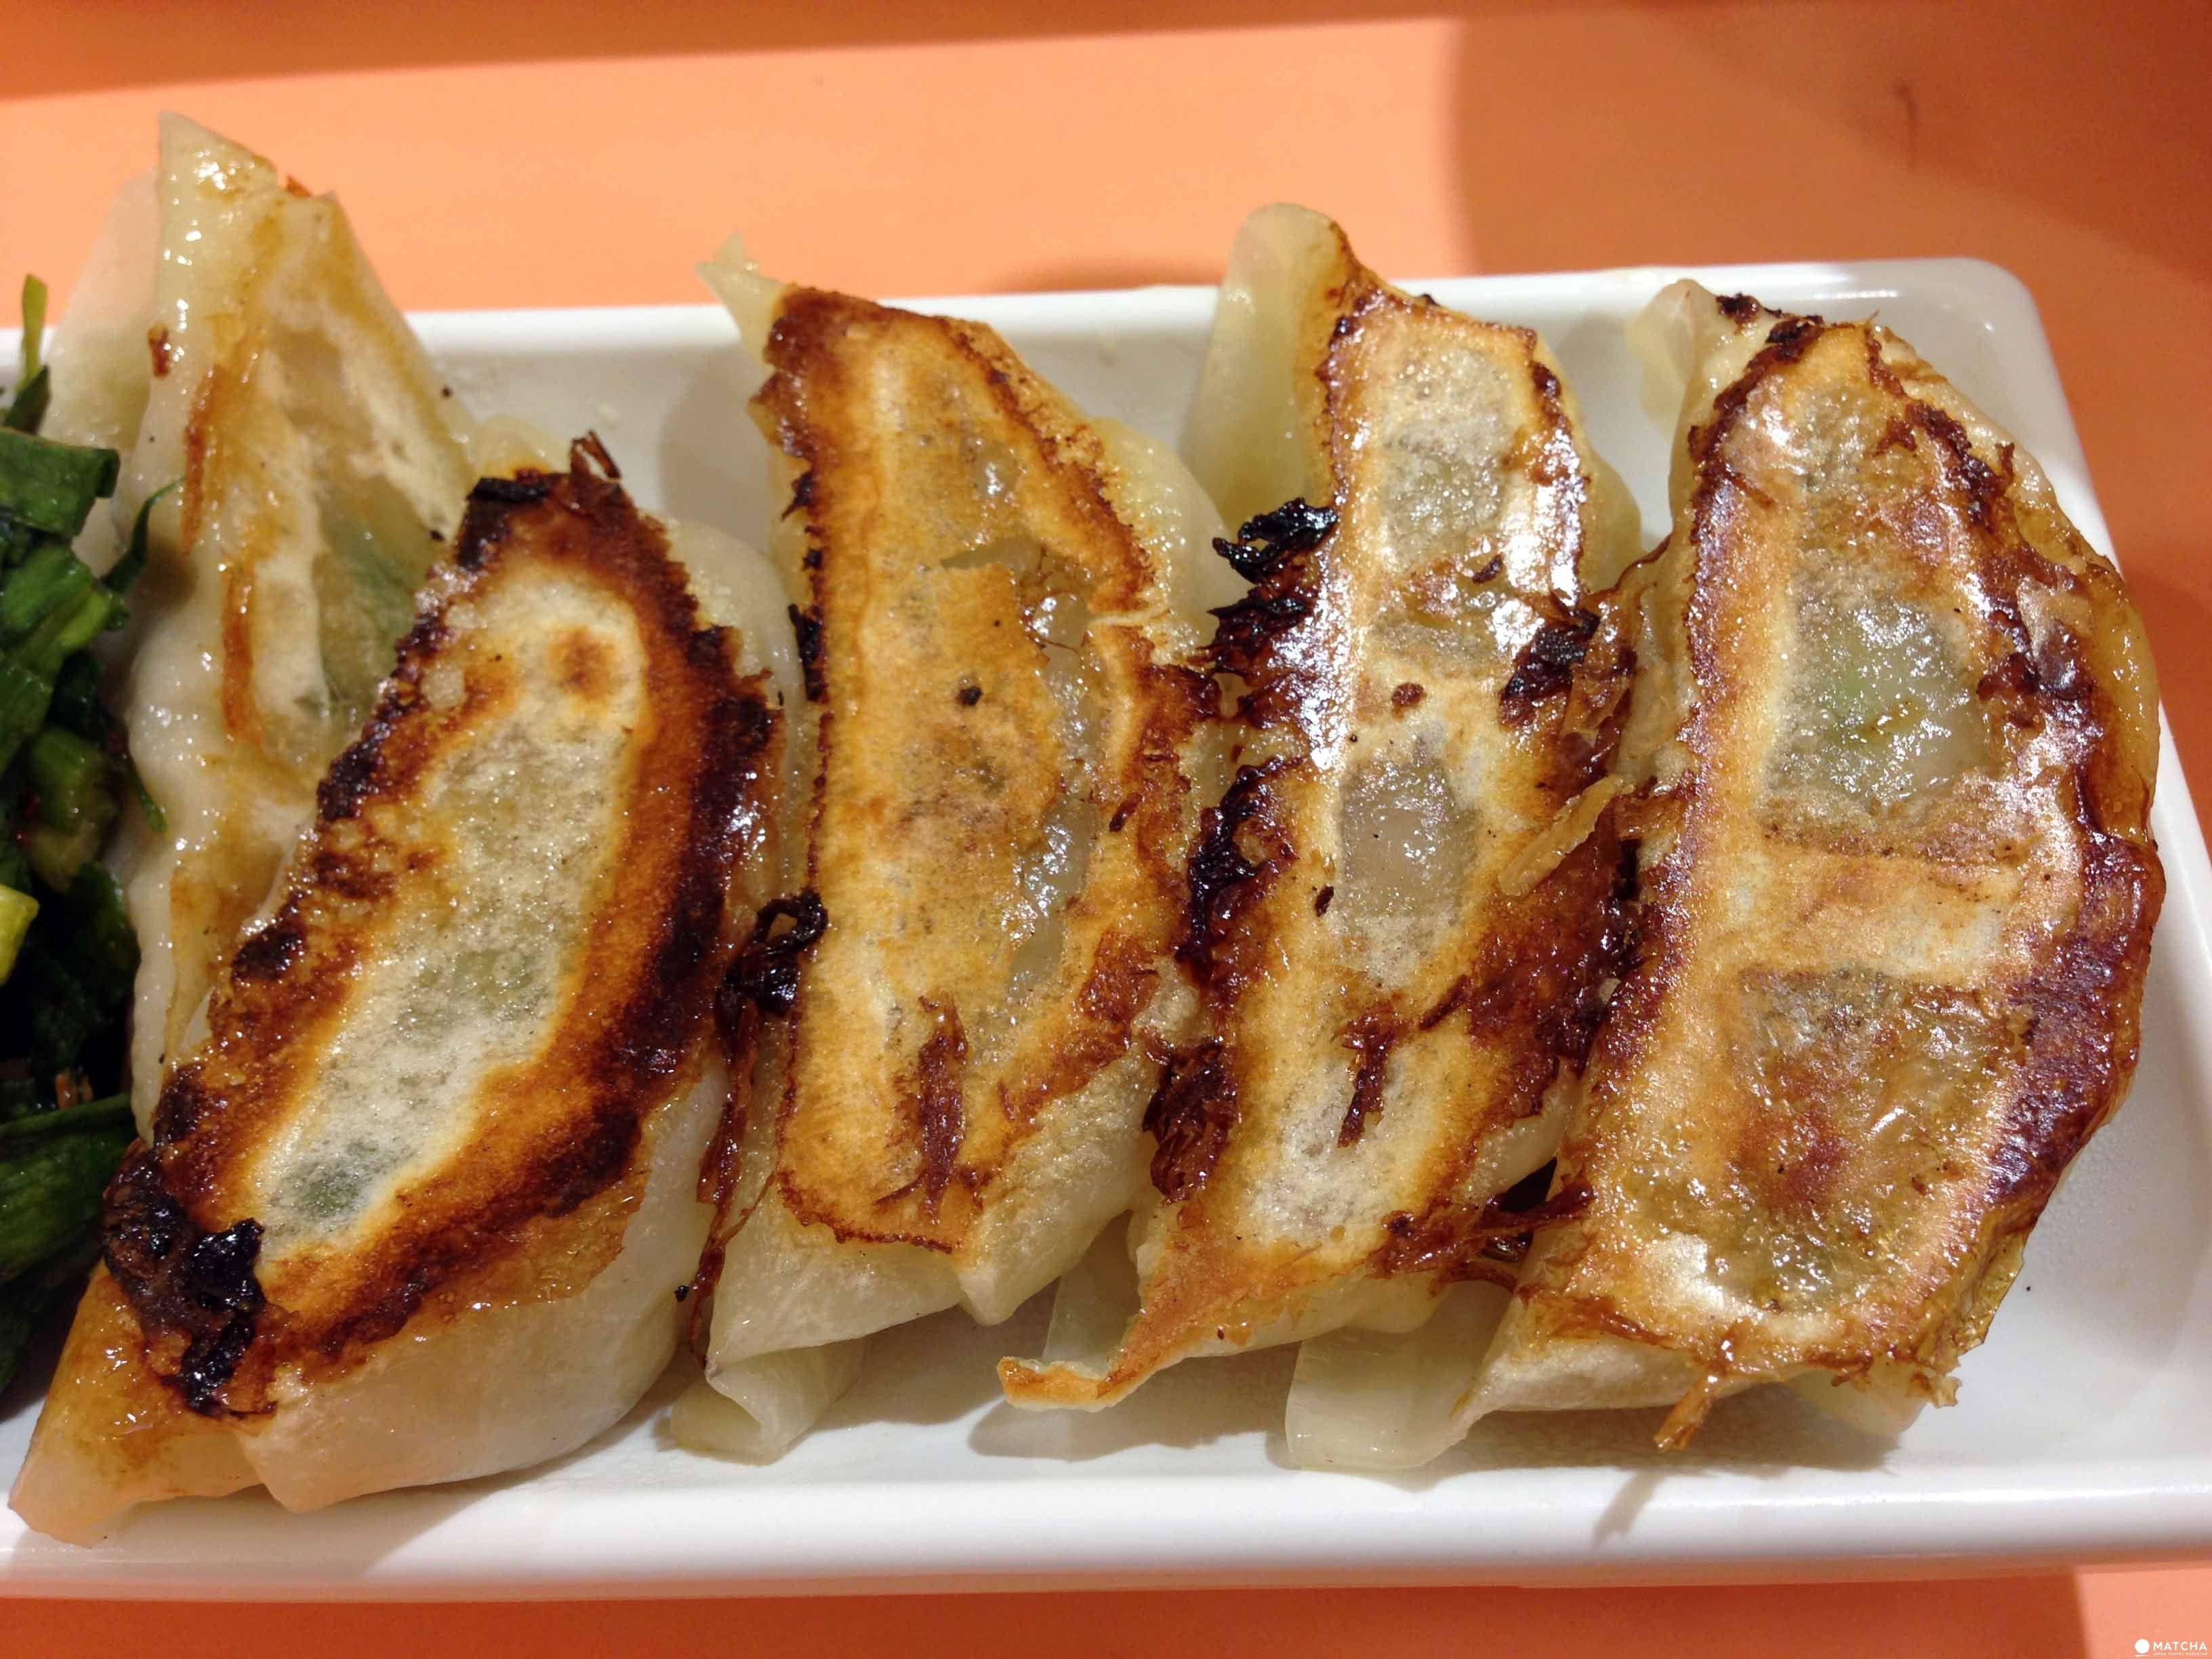 沒吃過神座拉麵還算到去過大阪嗎?